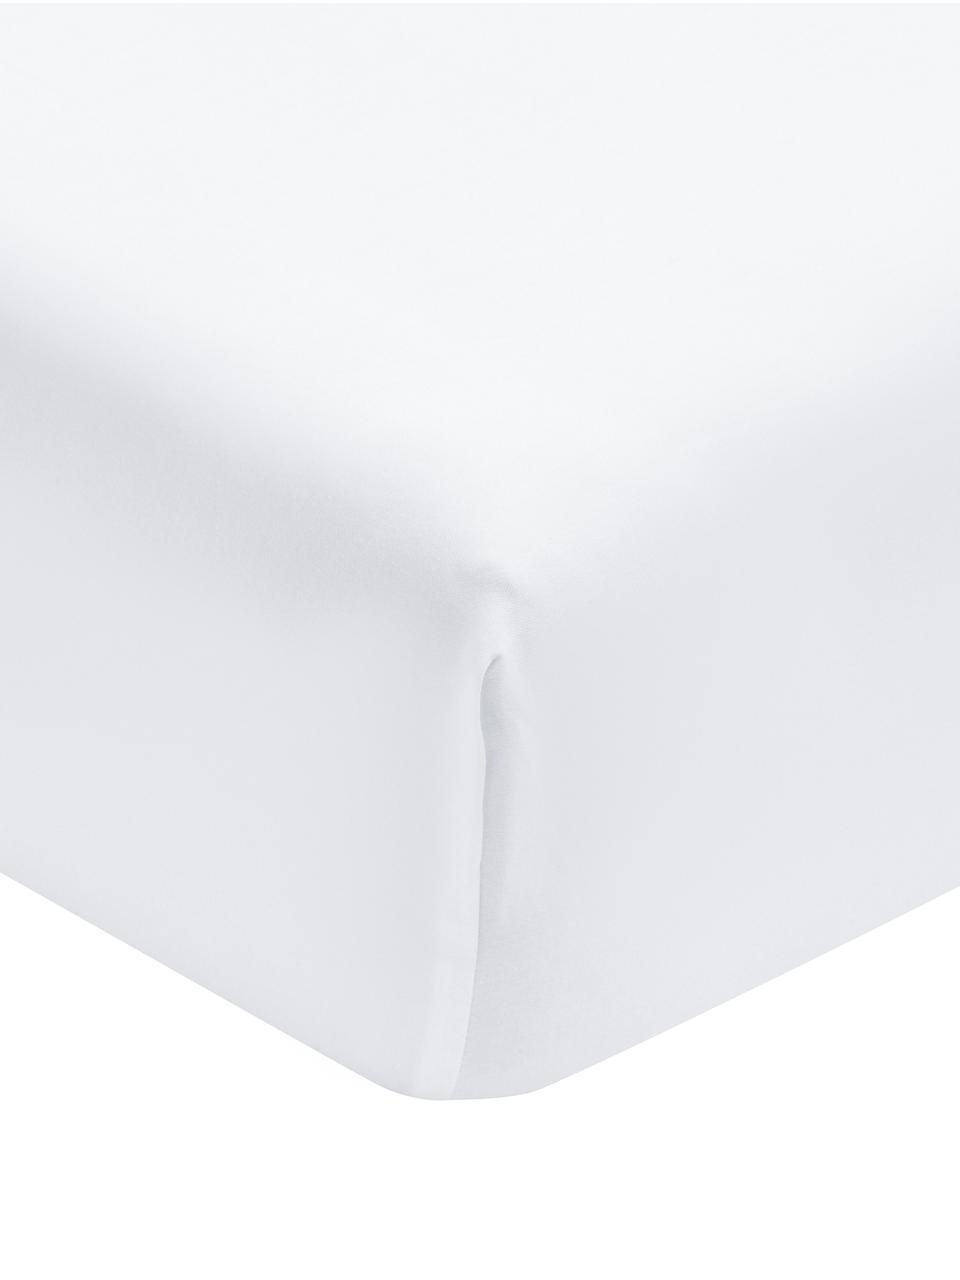 Lenzuolo con angoli in  raso di cotone Premium, Tessuto: raso, leggermente lucido, Bianco, Larg. 180 x Lung. 200 cm